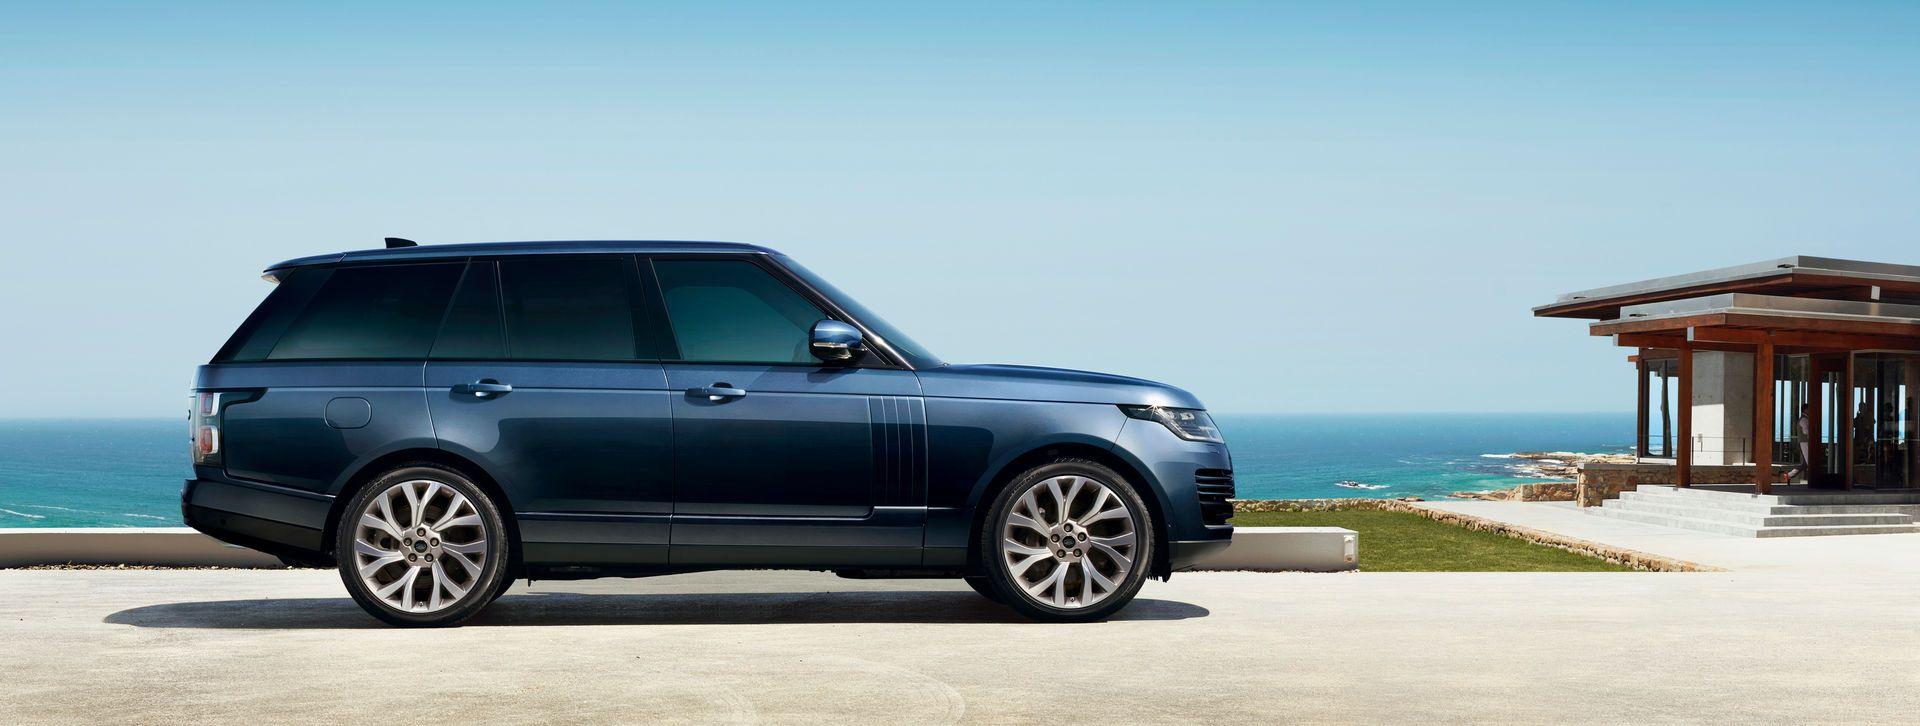 2021-Range-Rover-43